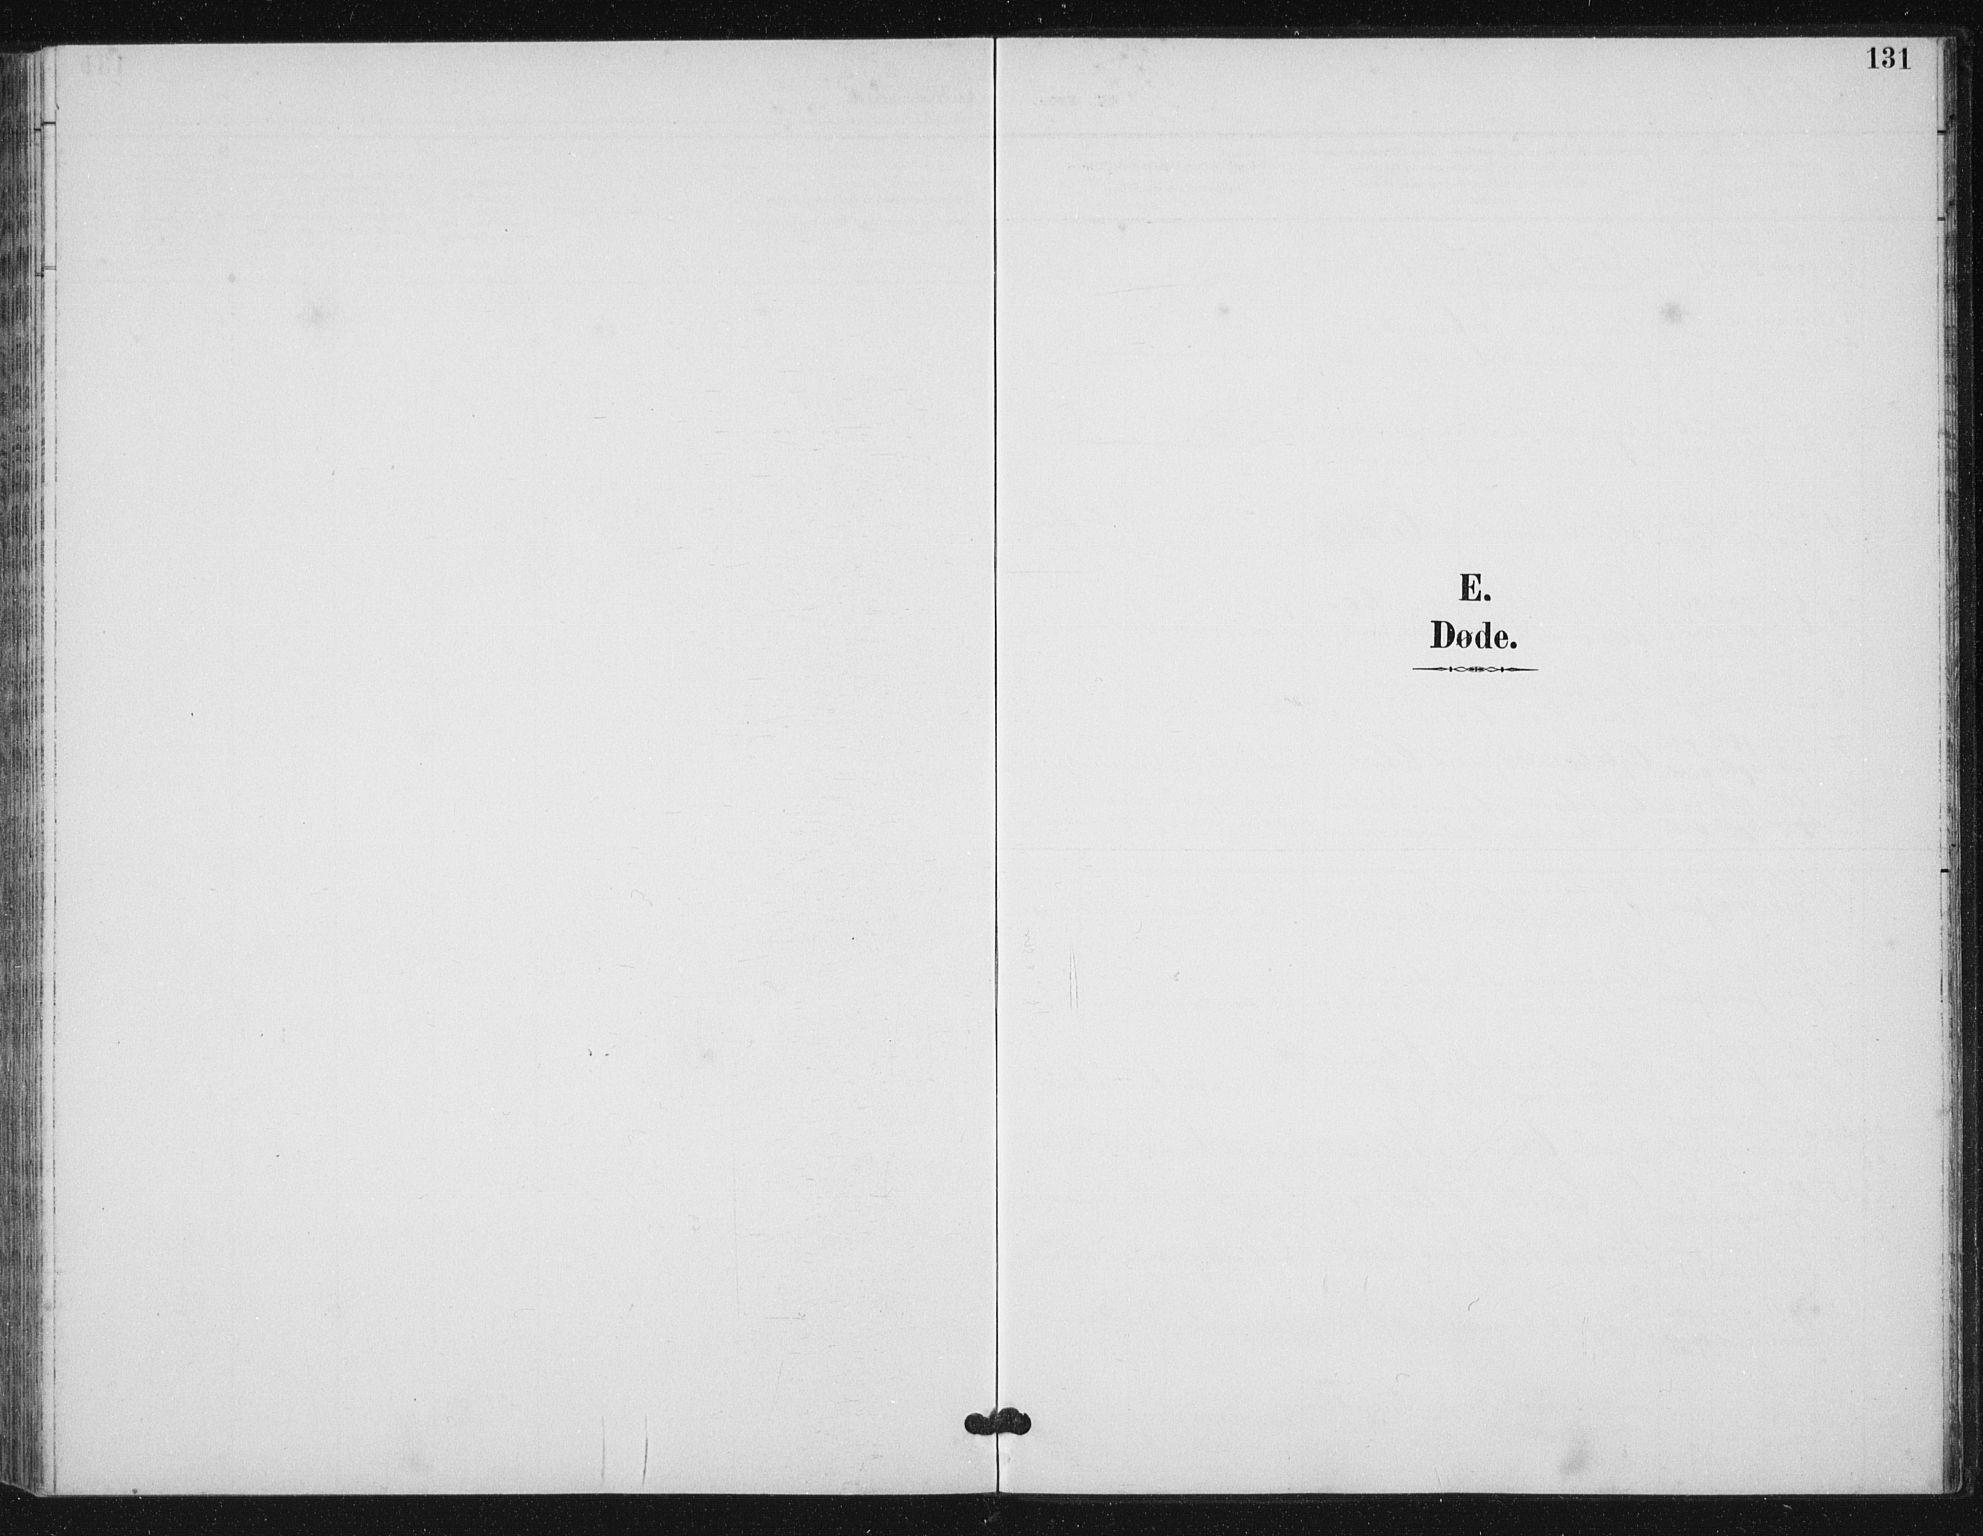 SAT, Ministerialprotokoller, klokkerbøker og fødselsregistre - Sør-Trøndelag, 656/L0698: Klokkerbok nr. 656C04, 1890-1904, s. 131